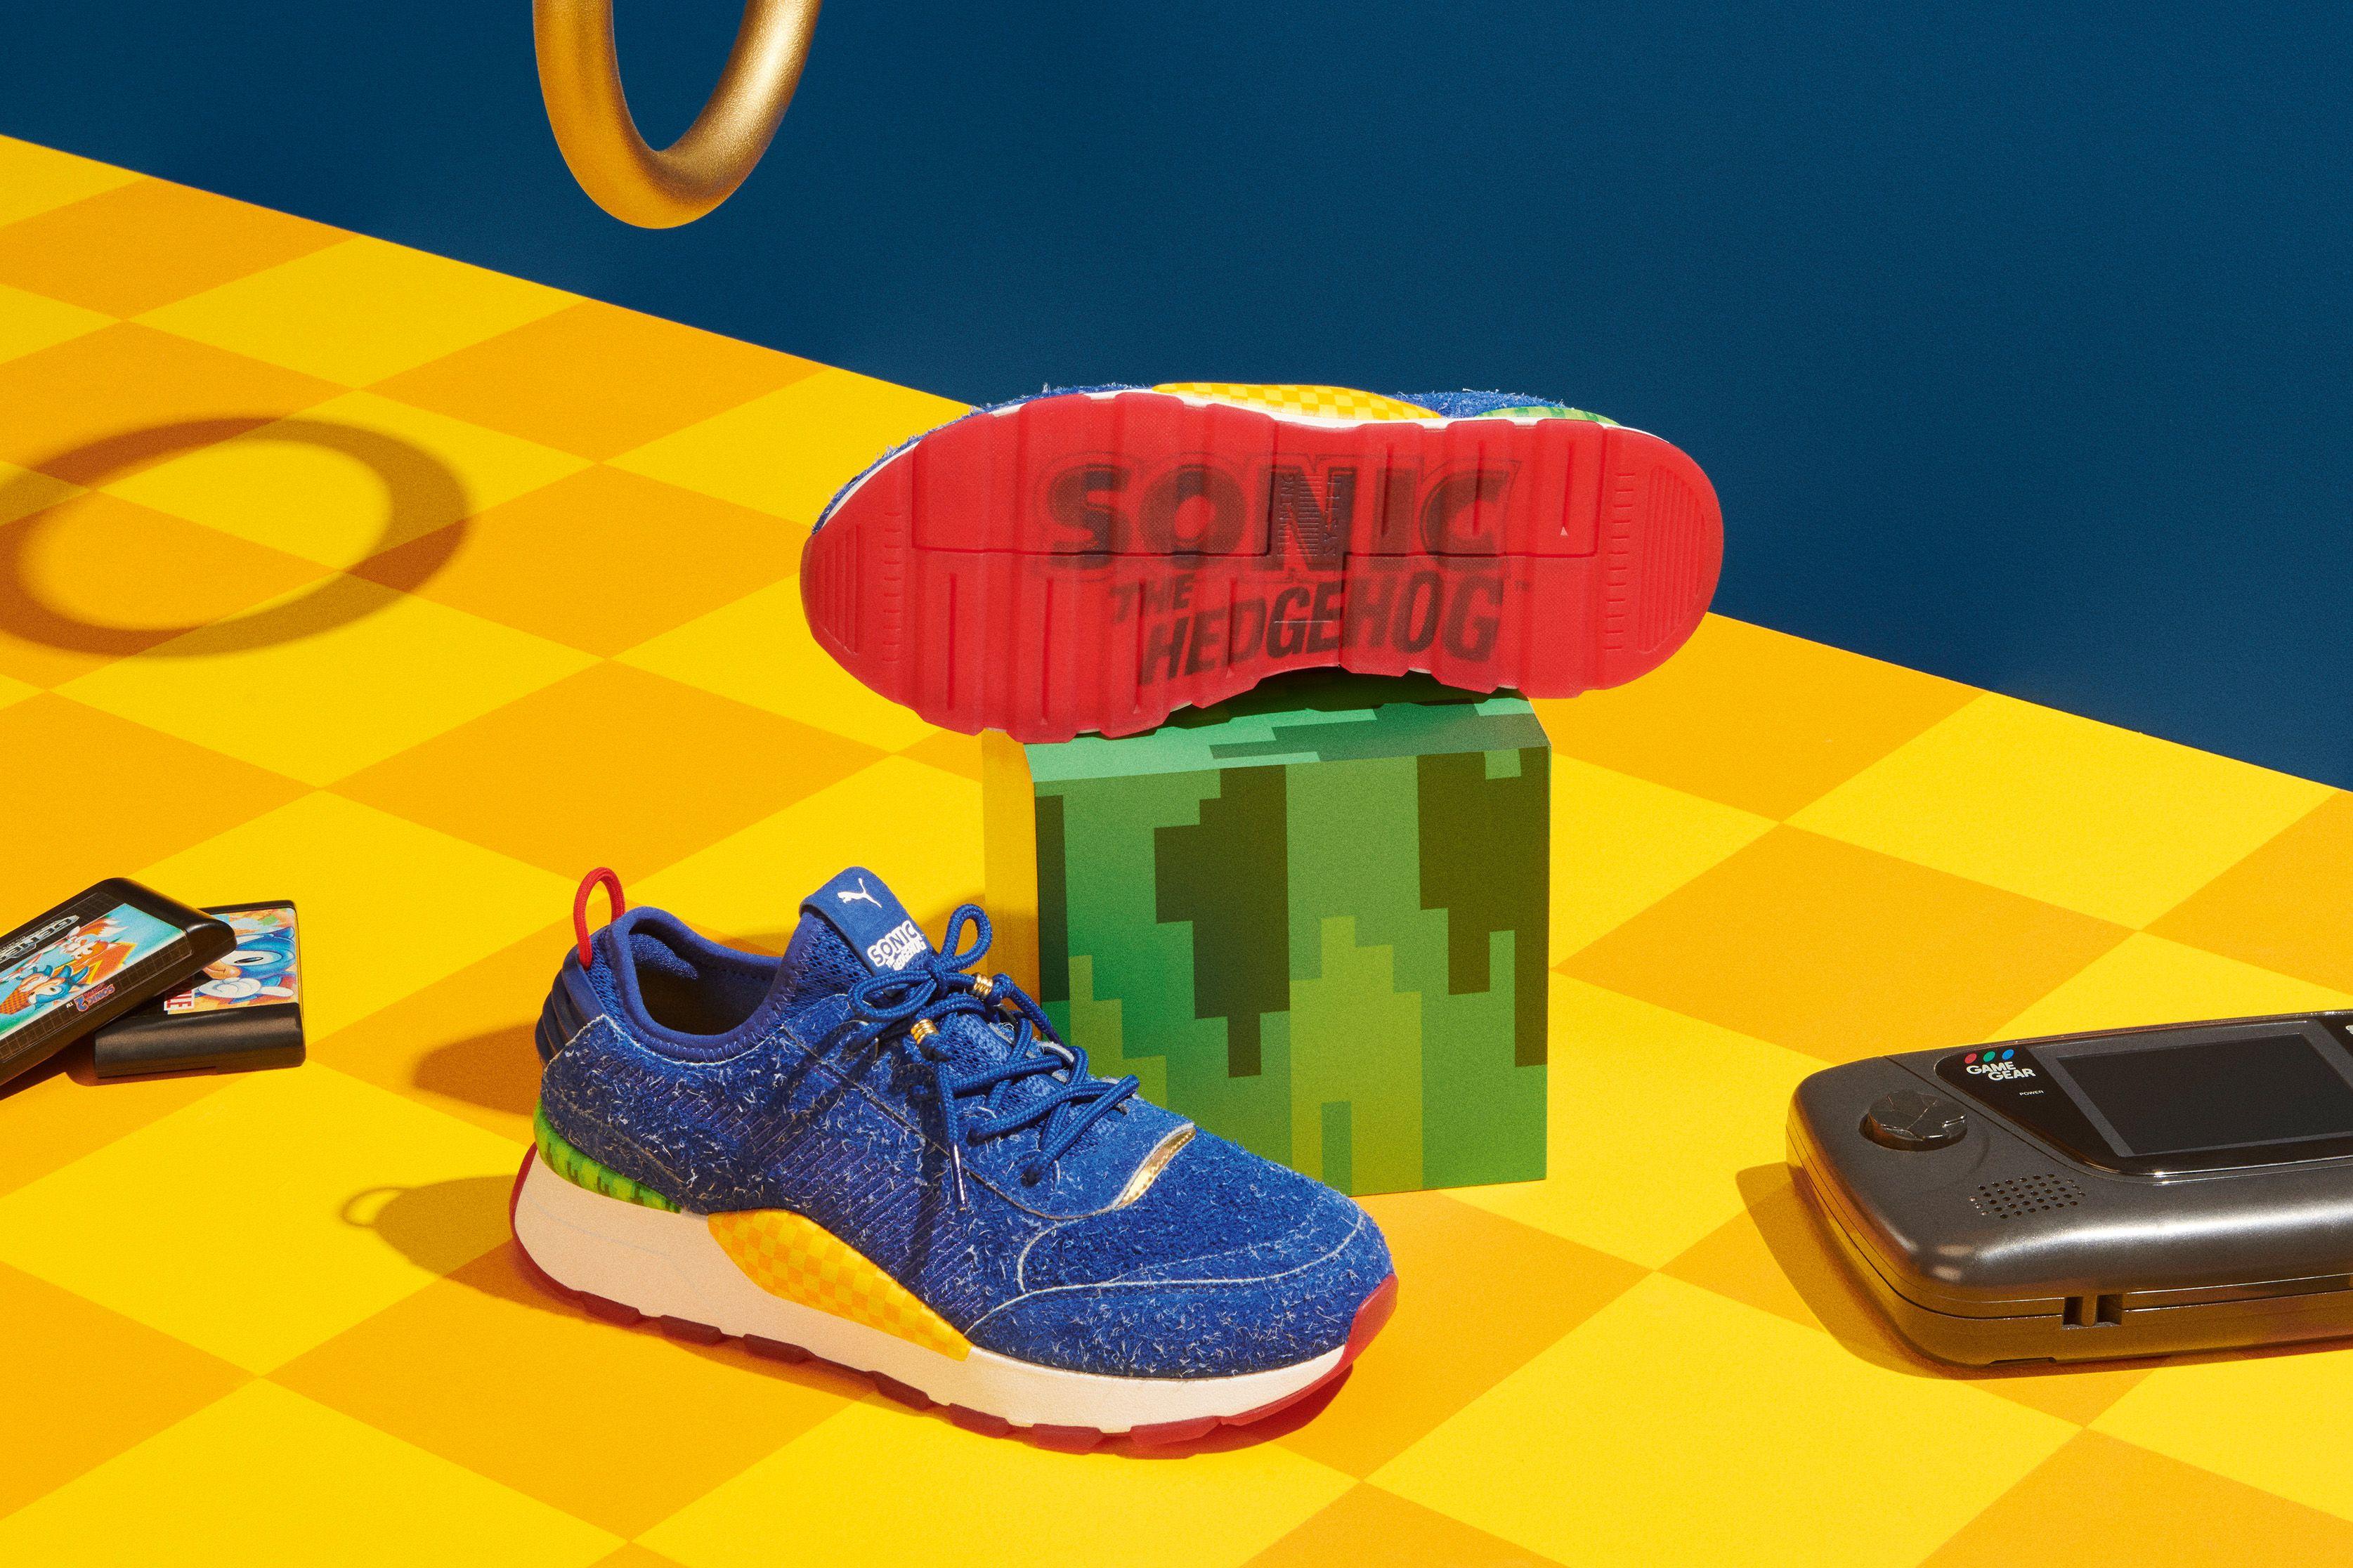 Reebok Zig Sonic Hedgehog Giallo yi0SaF